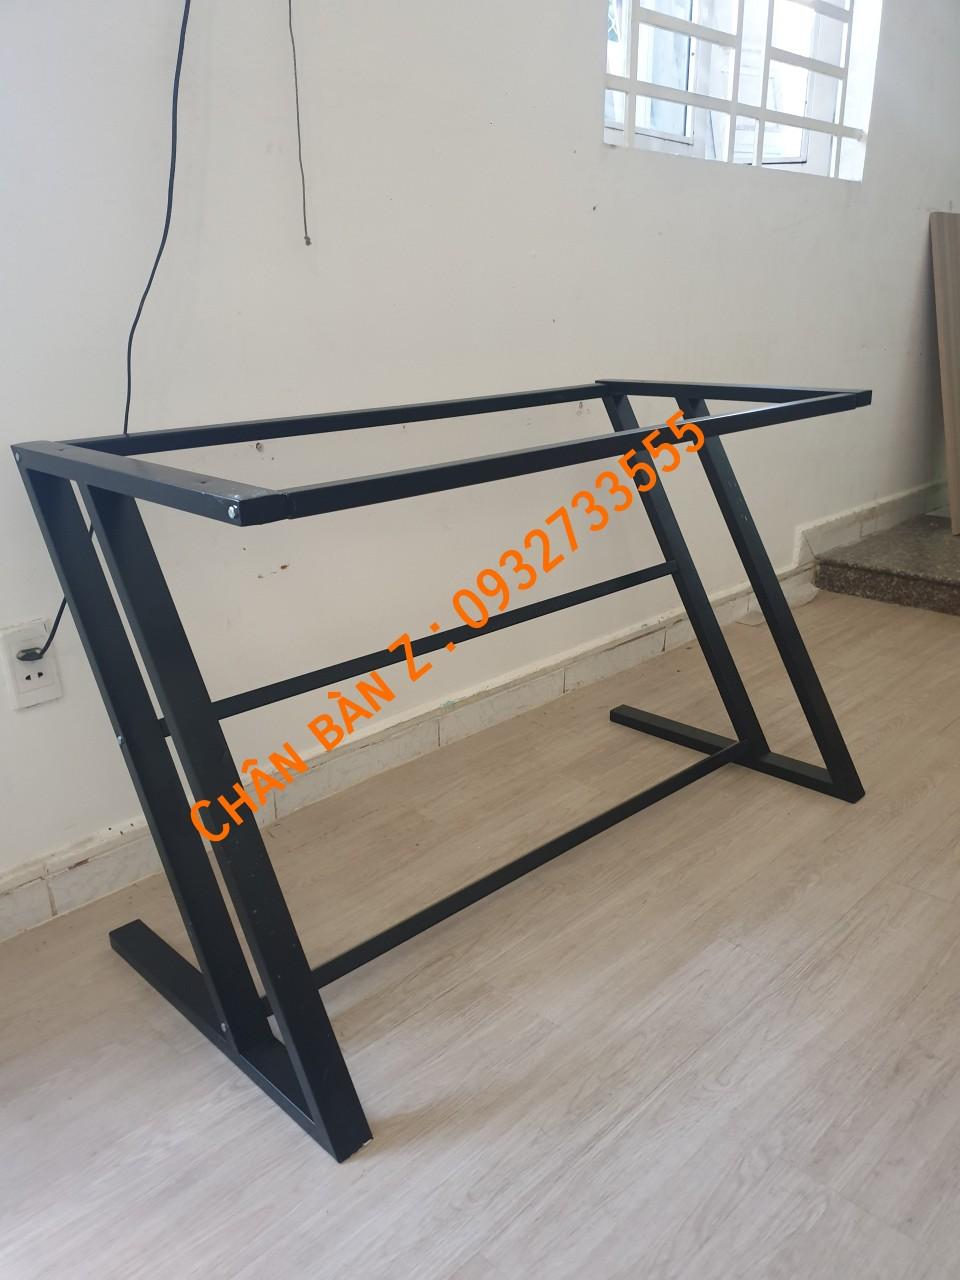 Bán khung bàn chân sắt Z : KBZ-120